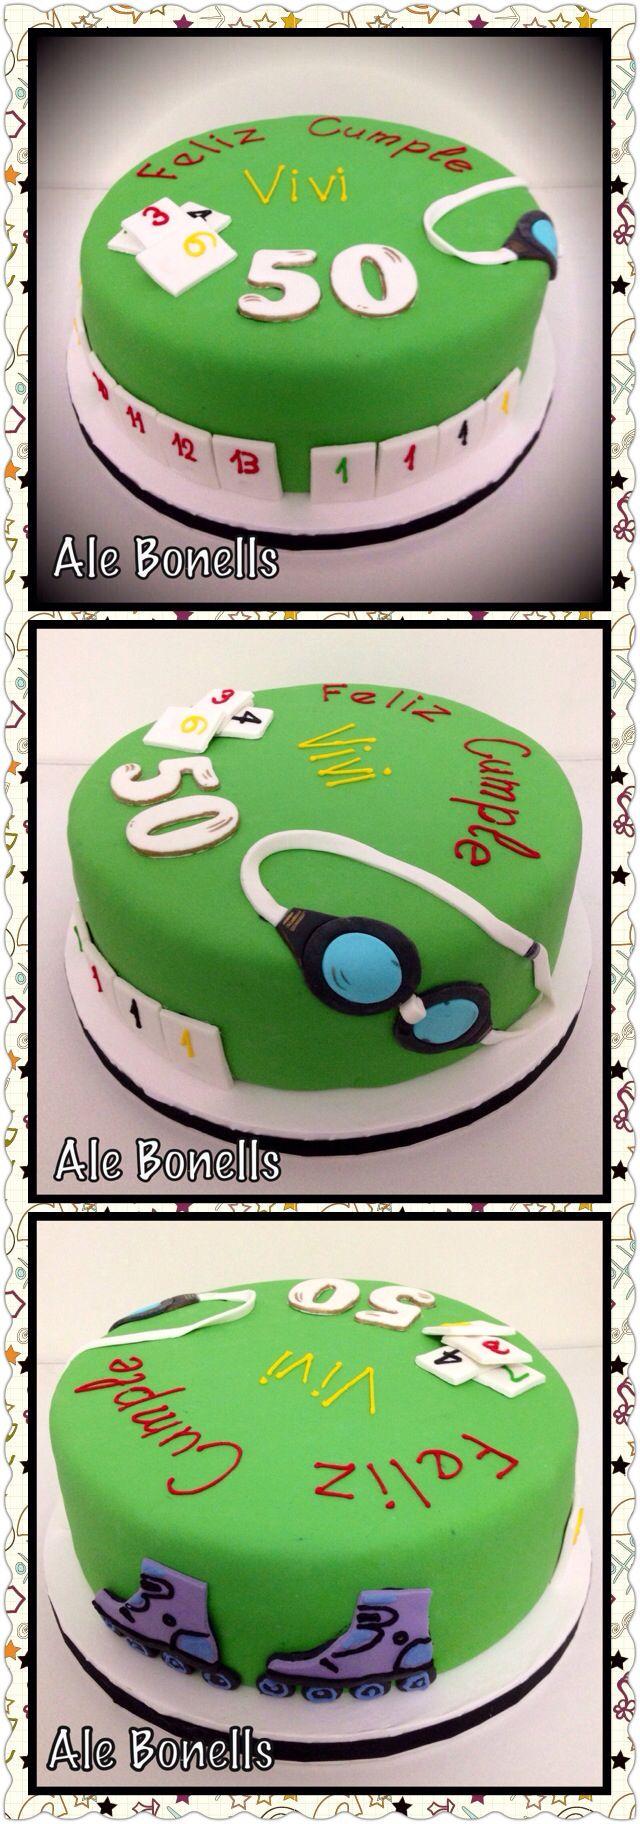 Burako, swim & roller cake. Una torta con los juegos y deportes favoritos de la cumpleañera.